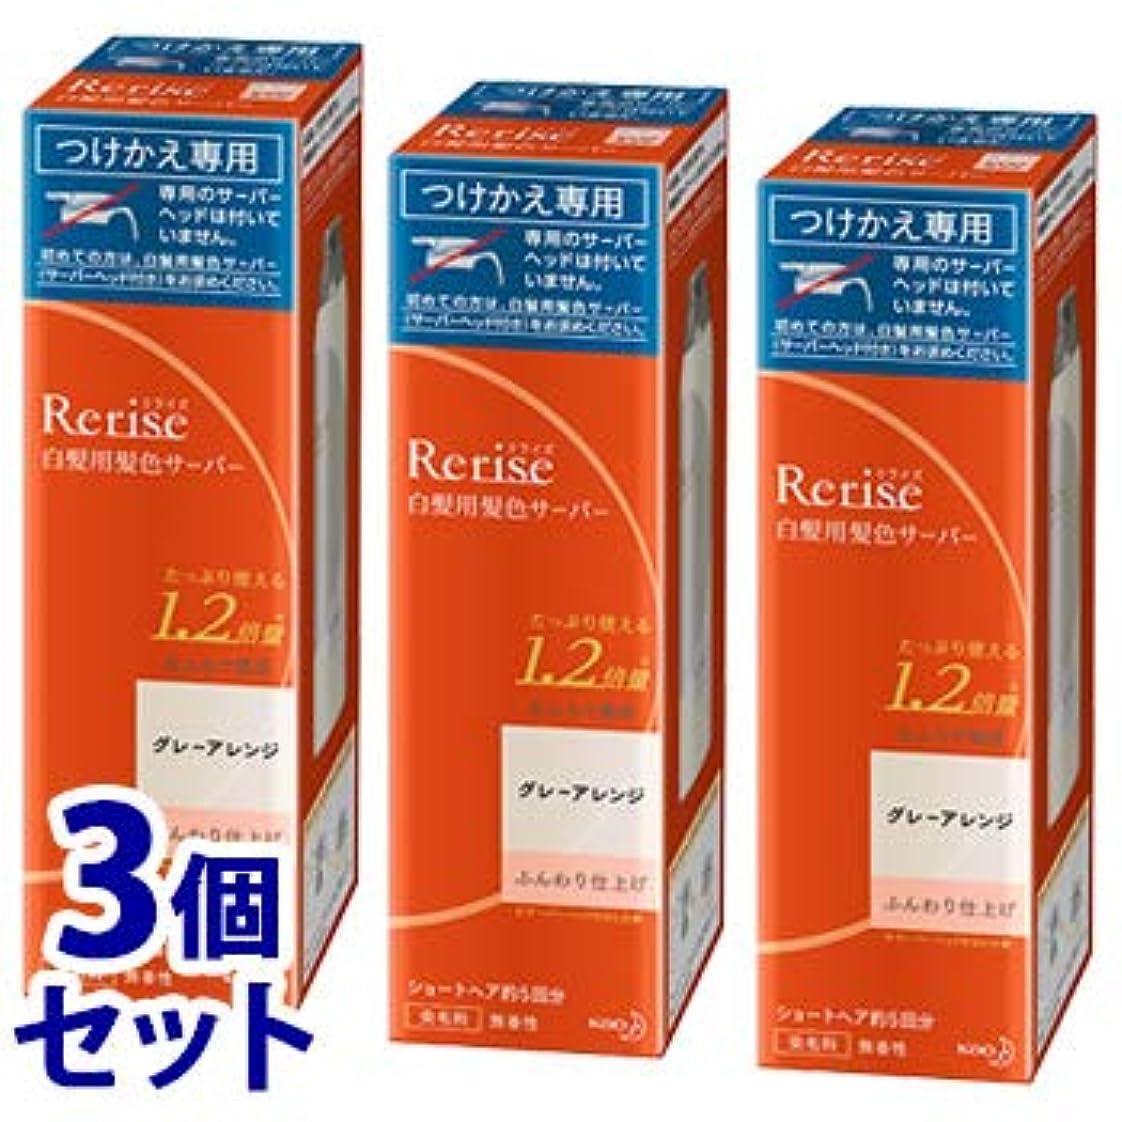 《セット販売》 花王 リライズ 白髪用髪色サーバー グレーアレンジ ふんわり仕上げ つけかえ用 (190g)×3個セット 付け替え用 染毛料